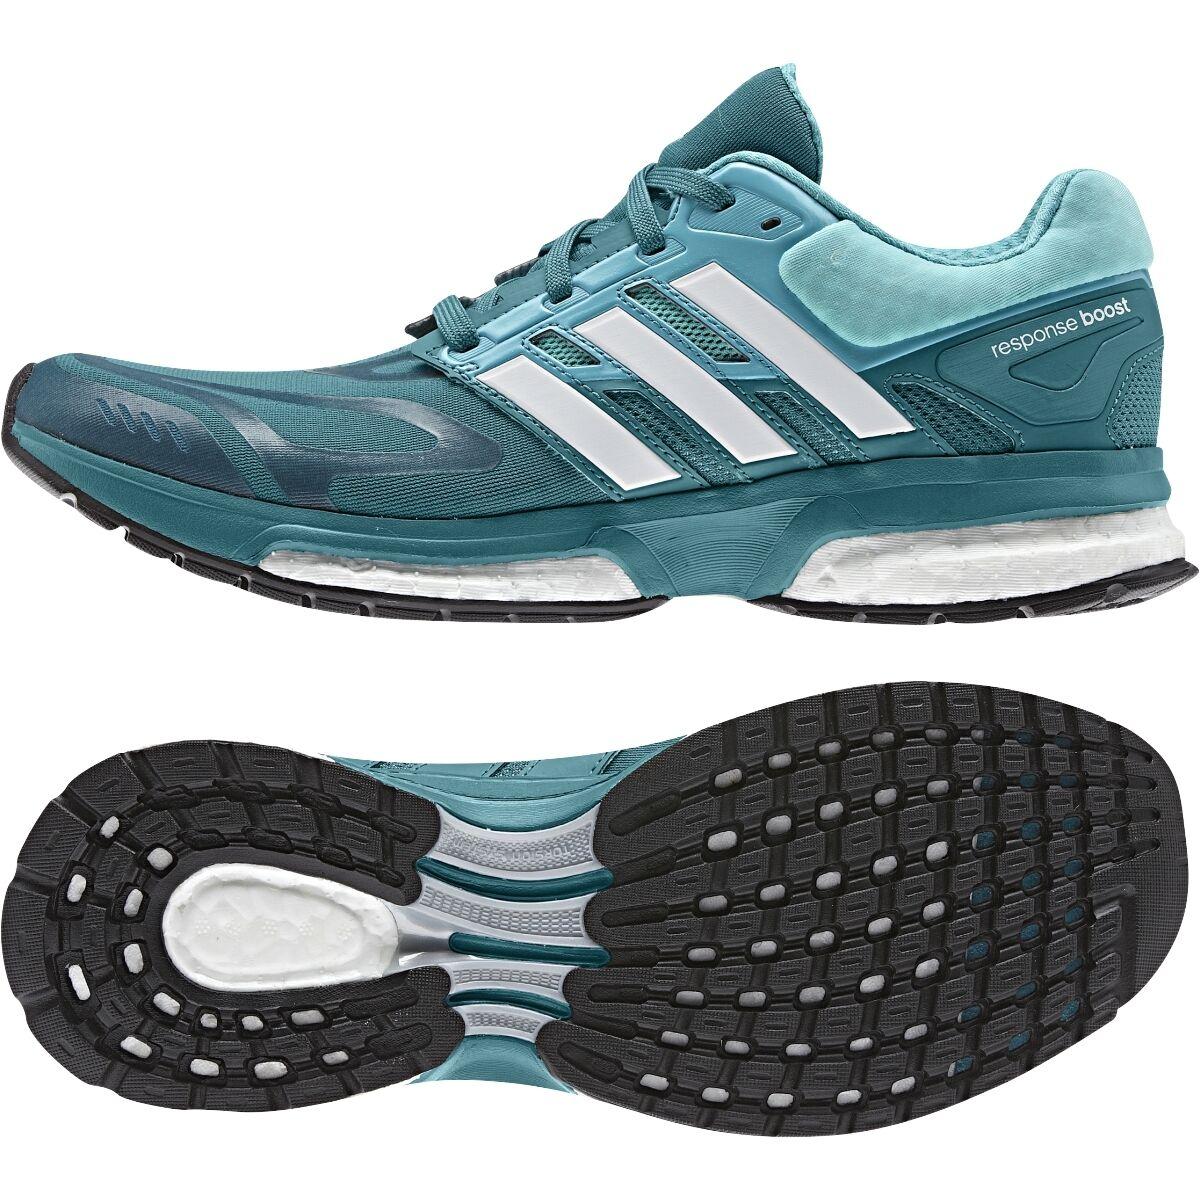 Adidas Response Boost Techfit Chaussures de Course pour Homme Jogging M18622 &